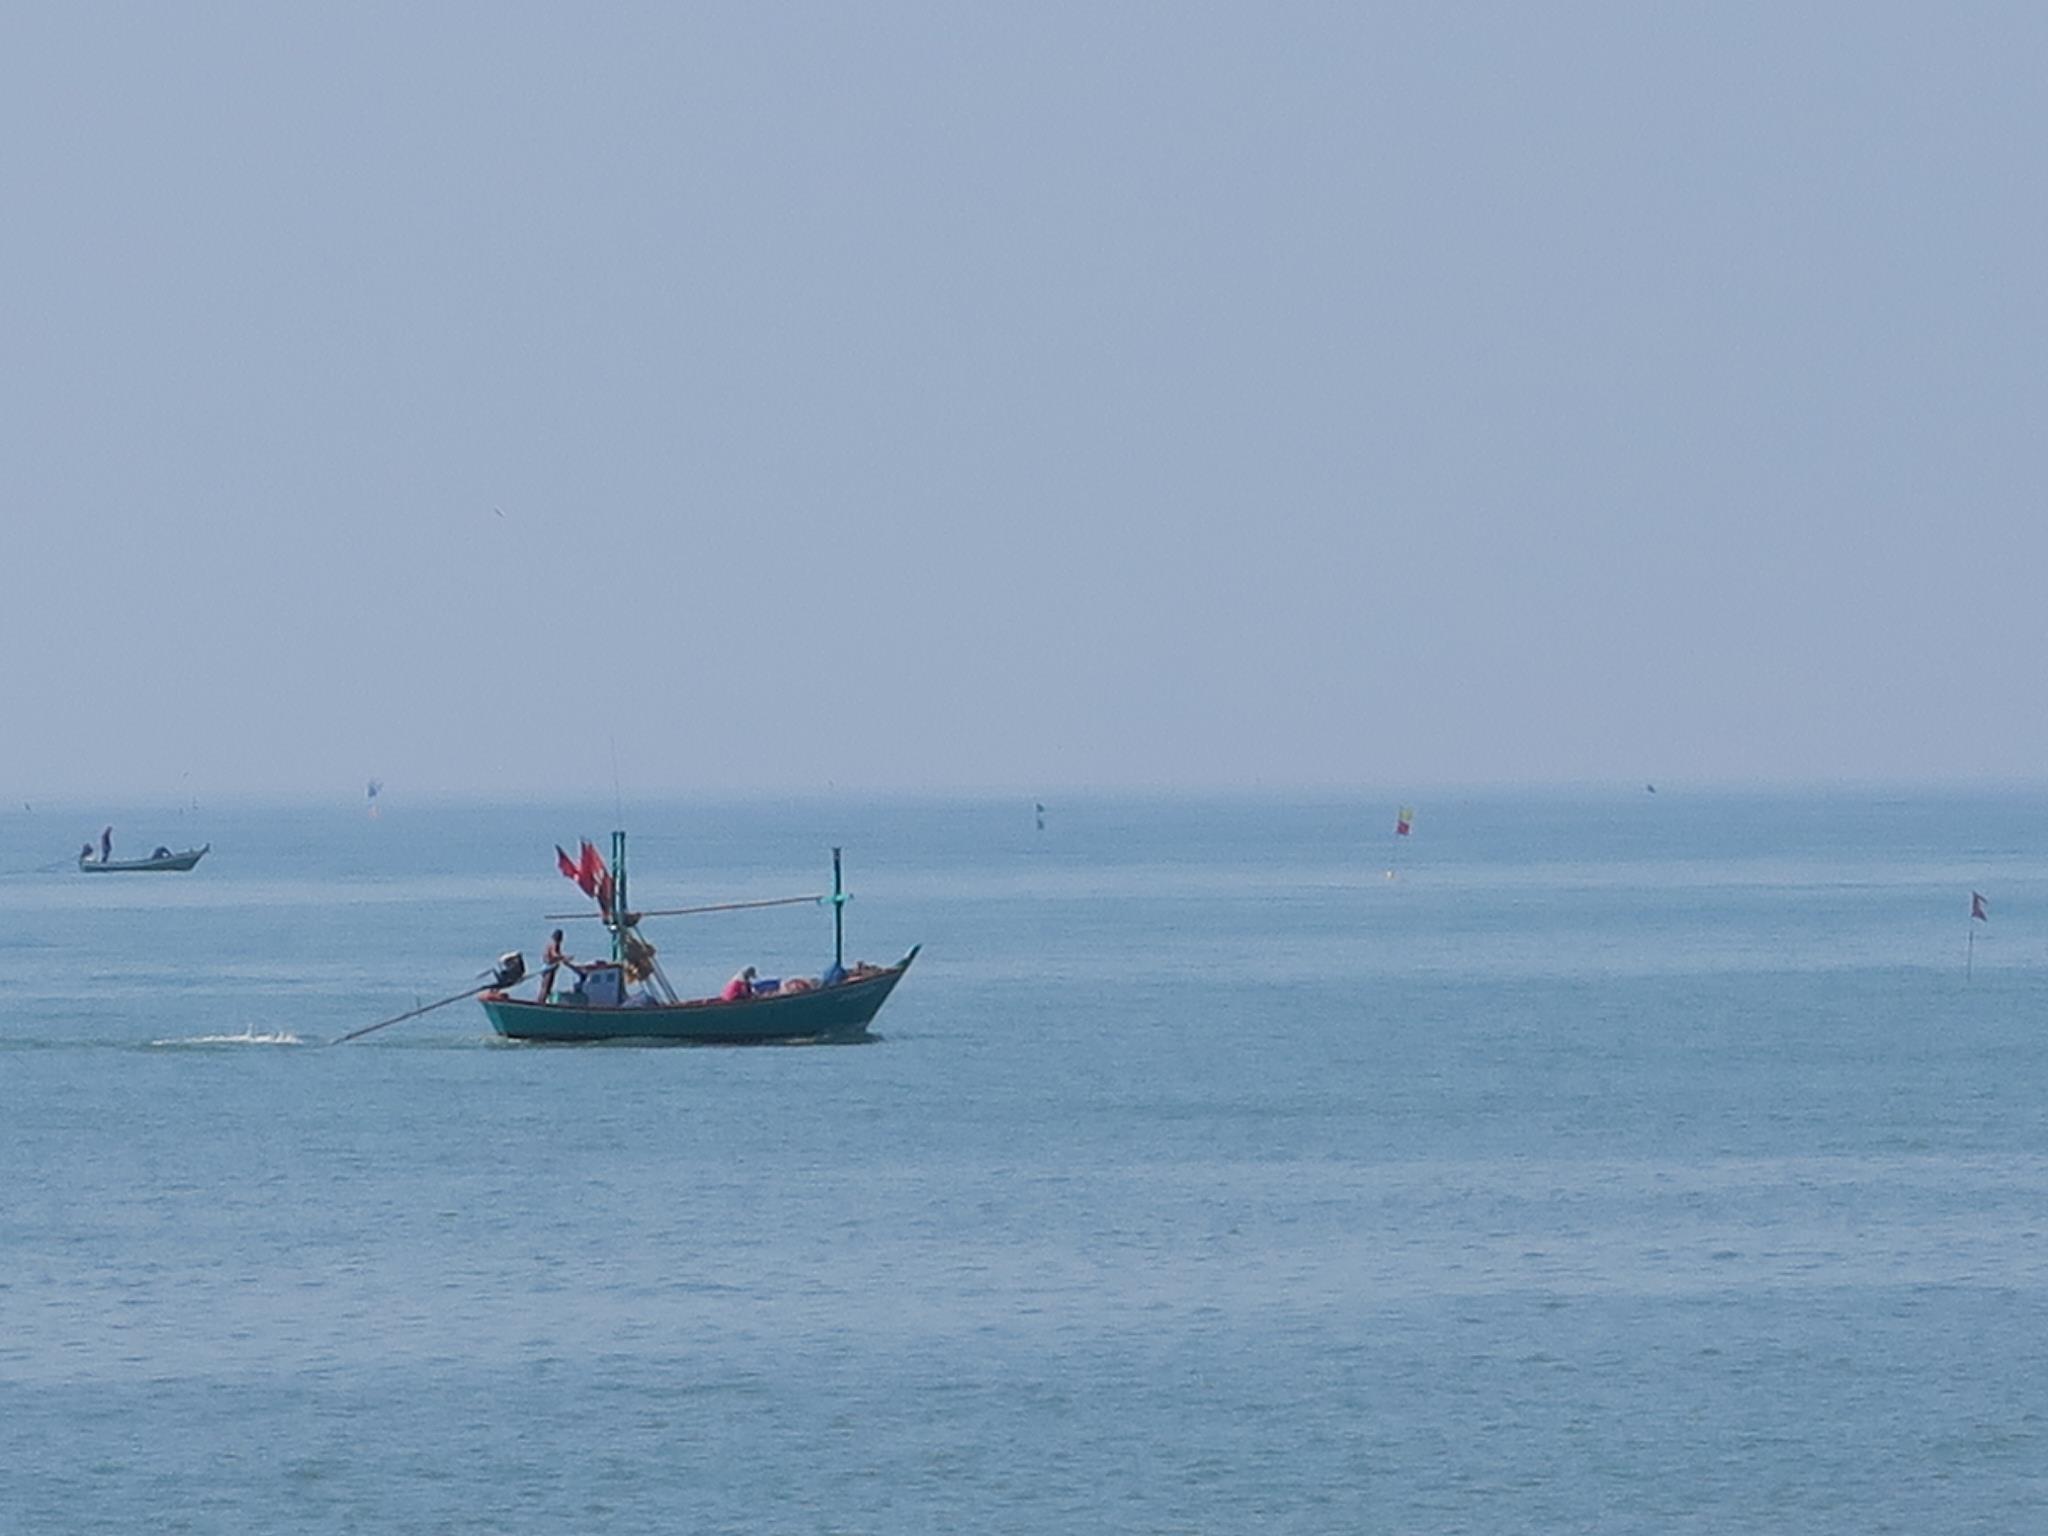 ชมทะเลรีสอร์ท หาดเจ้าสำราญ